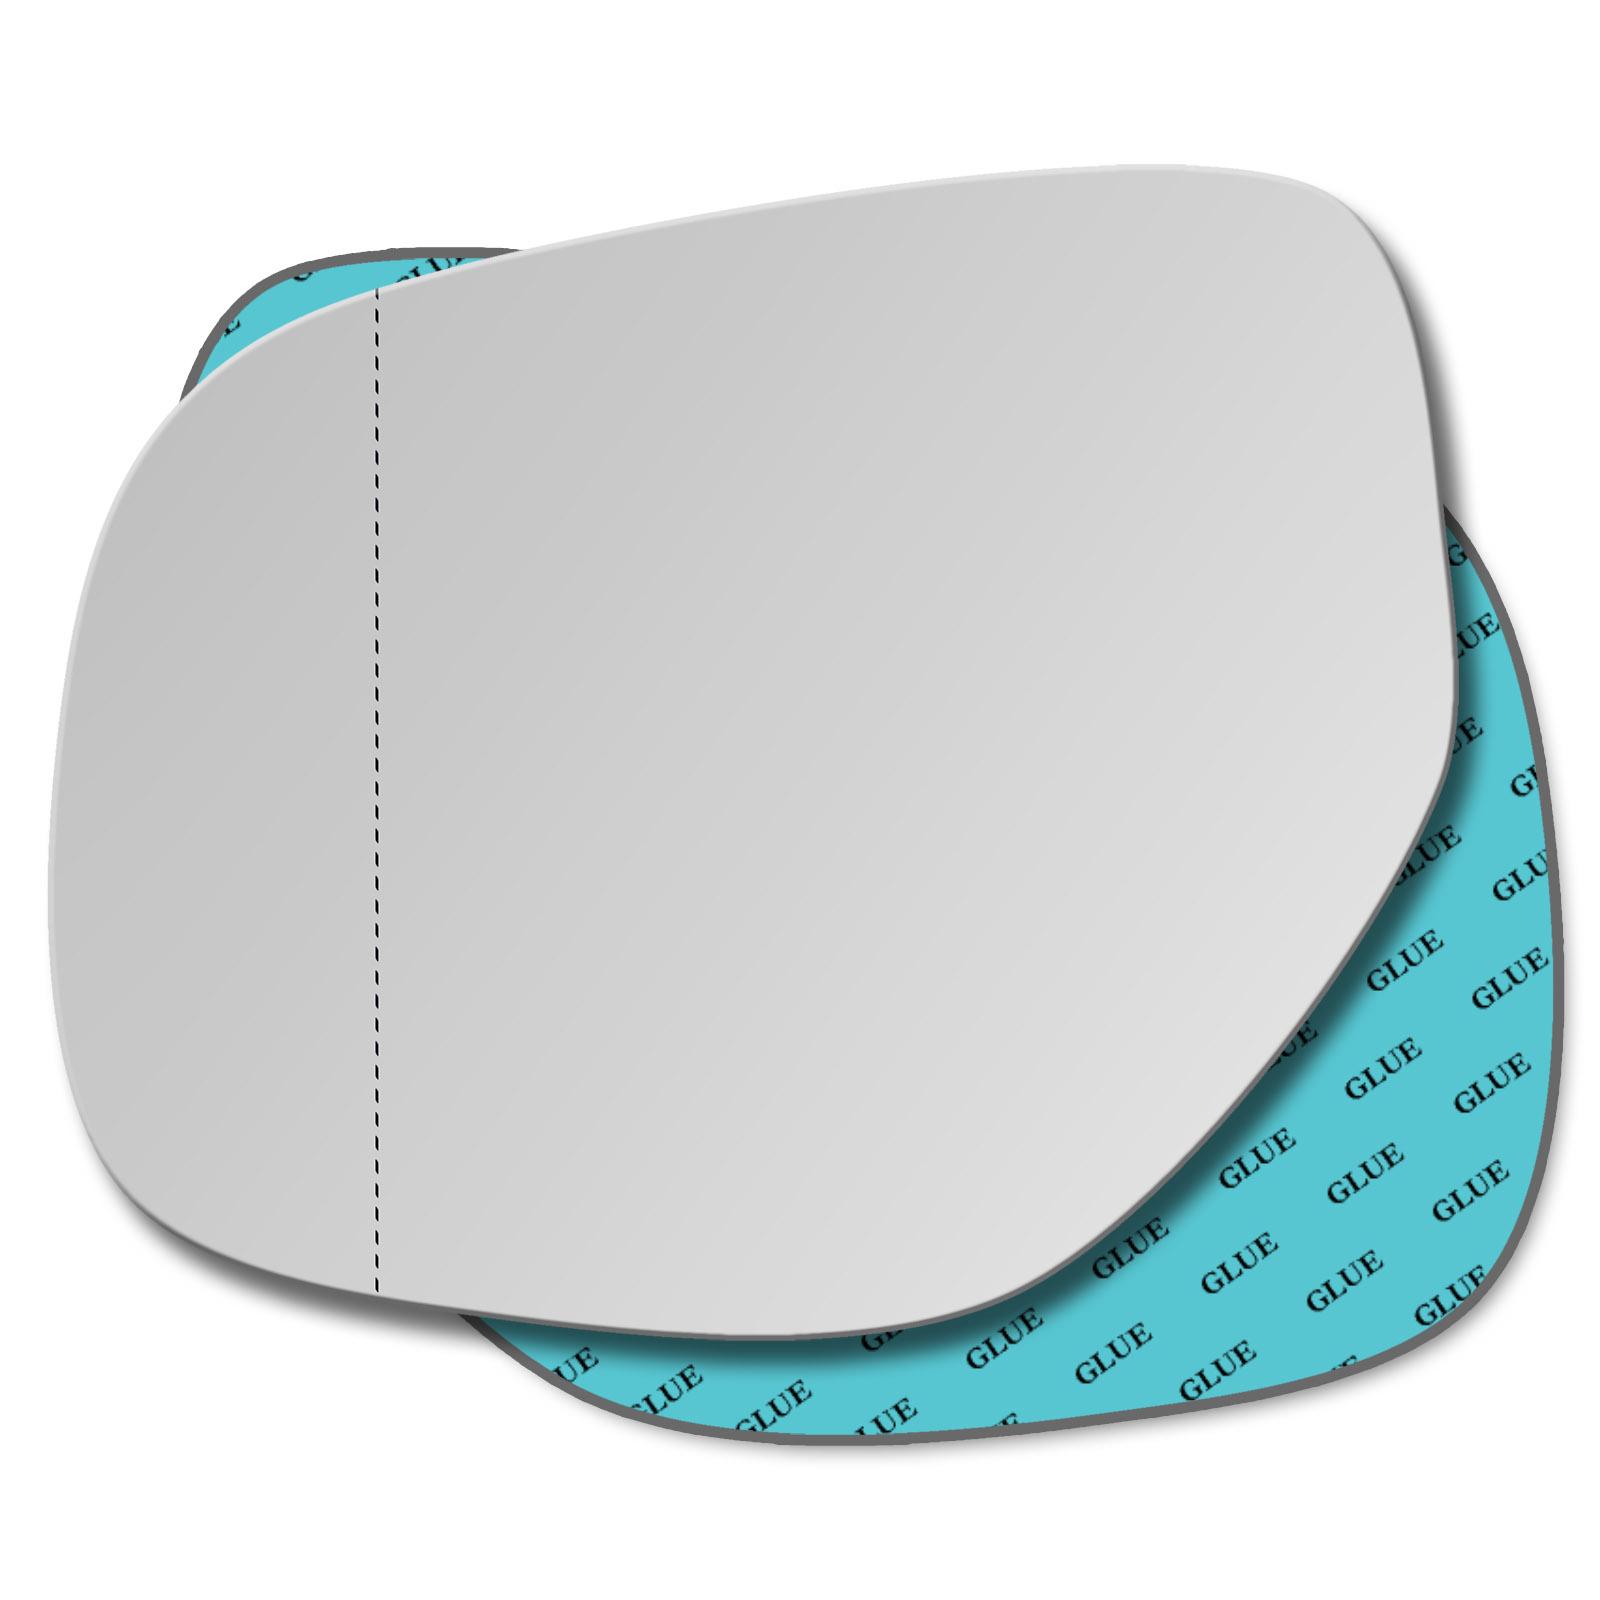 Rechts Beifahrerseite Spiegelglas Außenspiegel für Citroen Berlingo 2013-2019